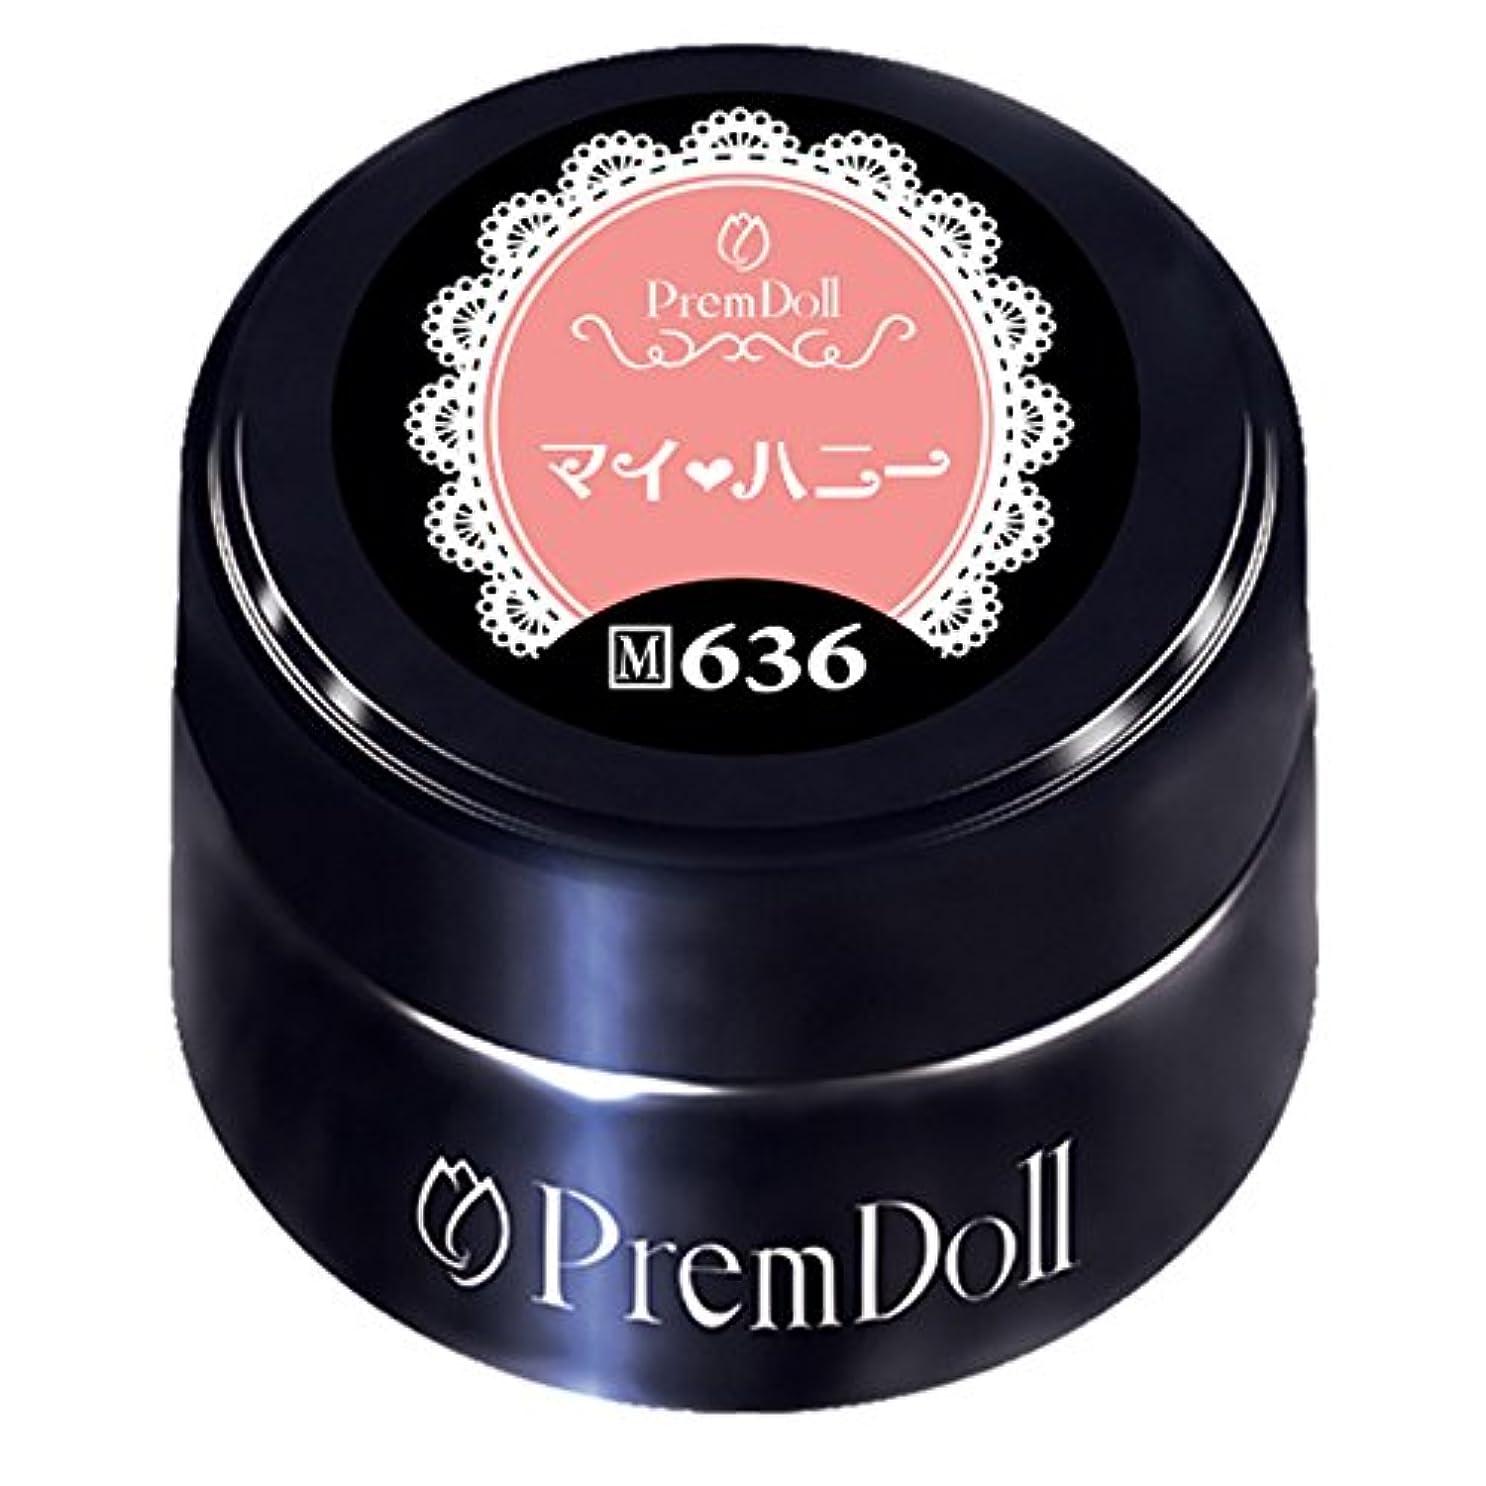 値精緻化ロマンチックPRE GEL プリムドール マイハニー636 3g UV/LED対応 カラージェル ソークオフジェル